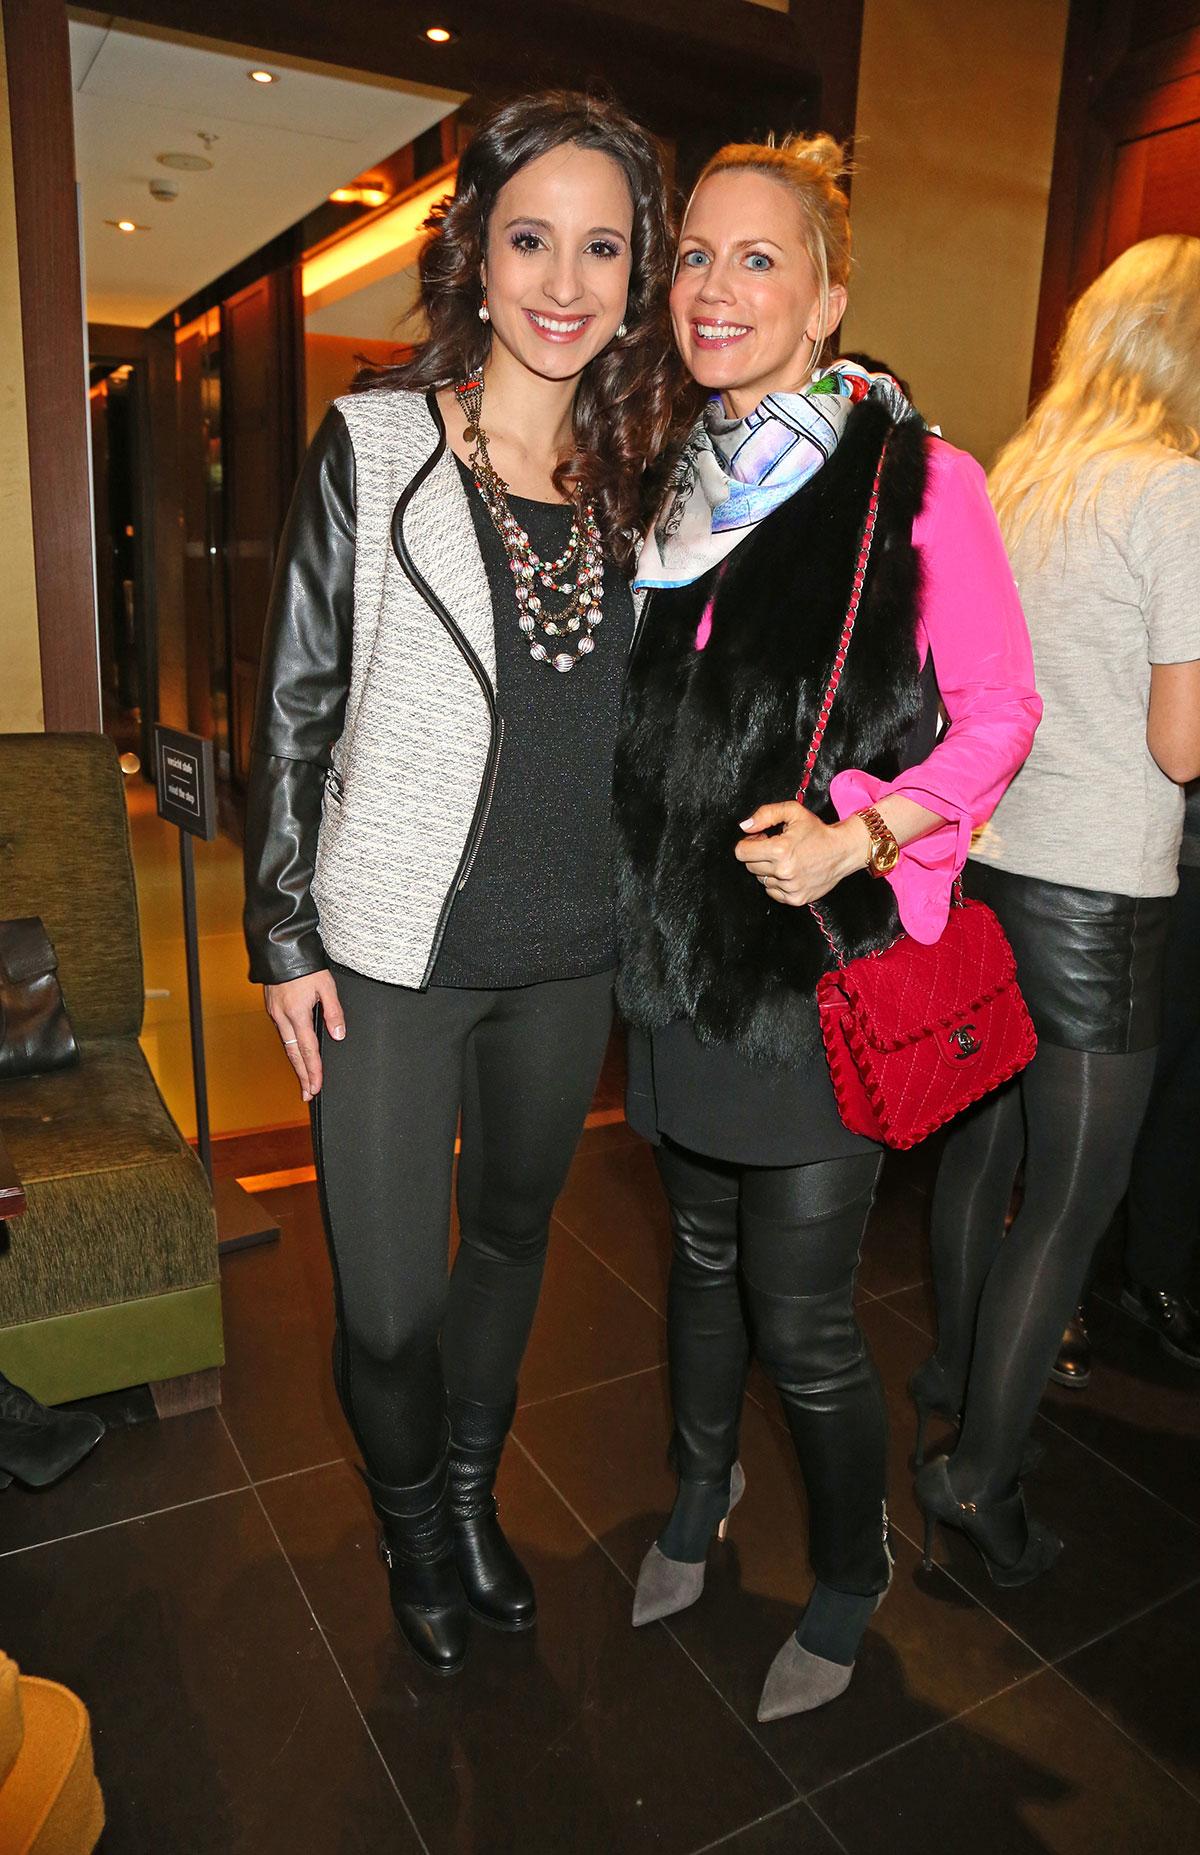 Tamara Graefin von Nayhauss-Cormons attends Mercedes-Benz Fashion Week